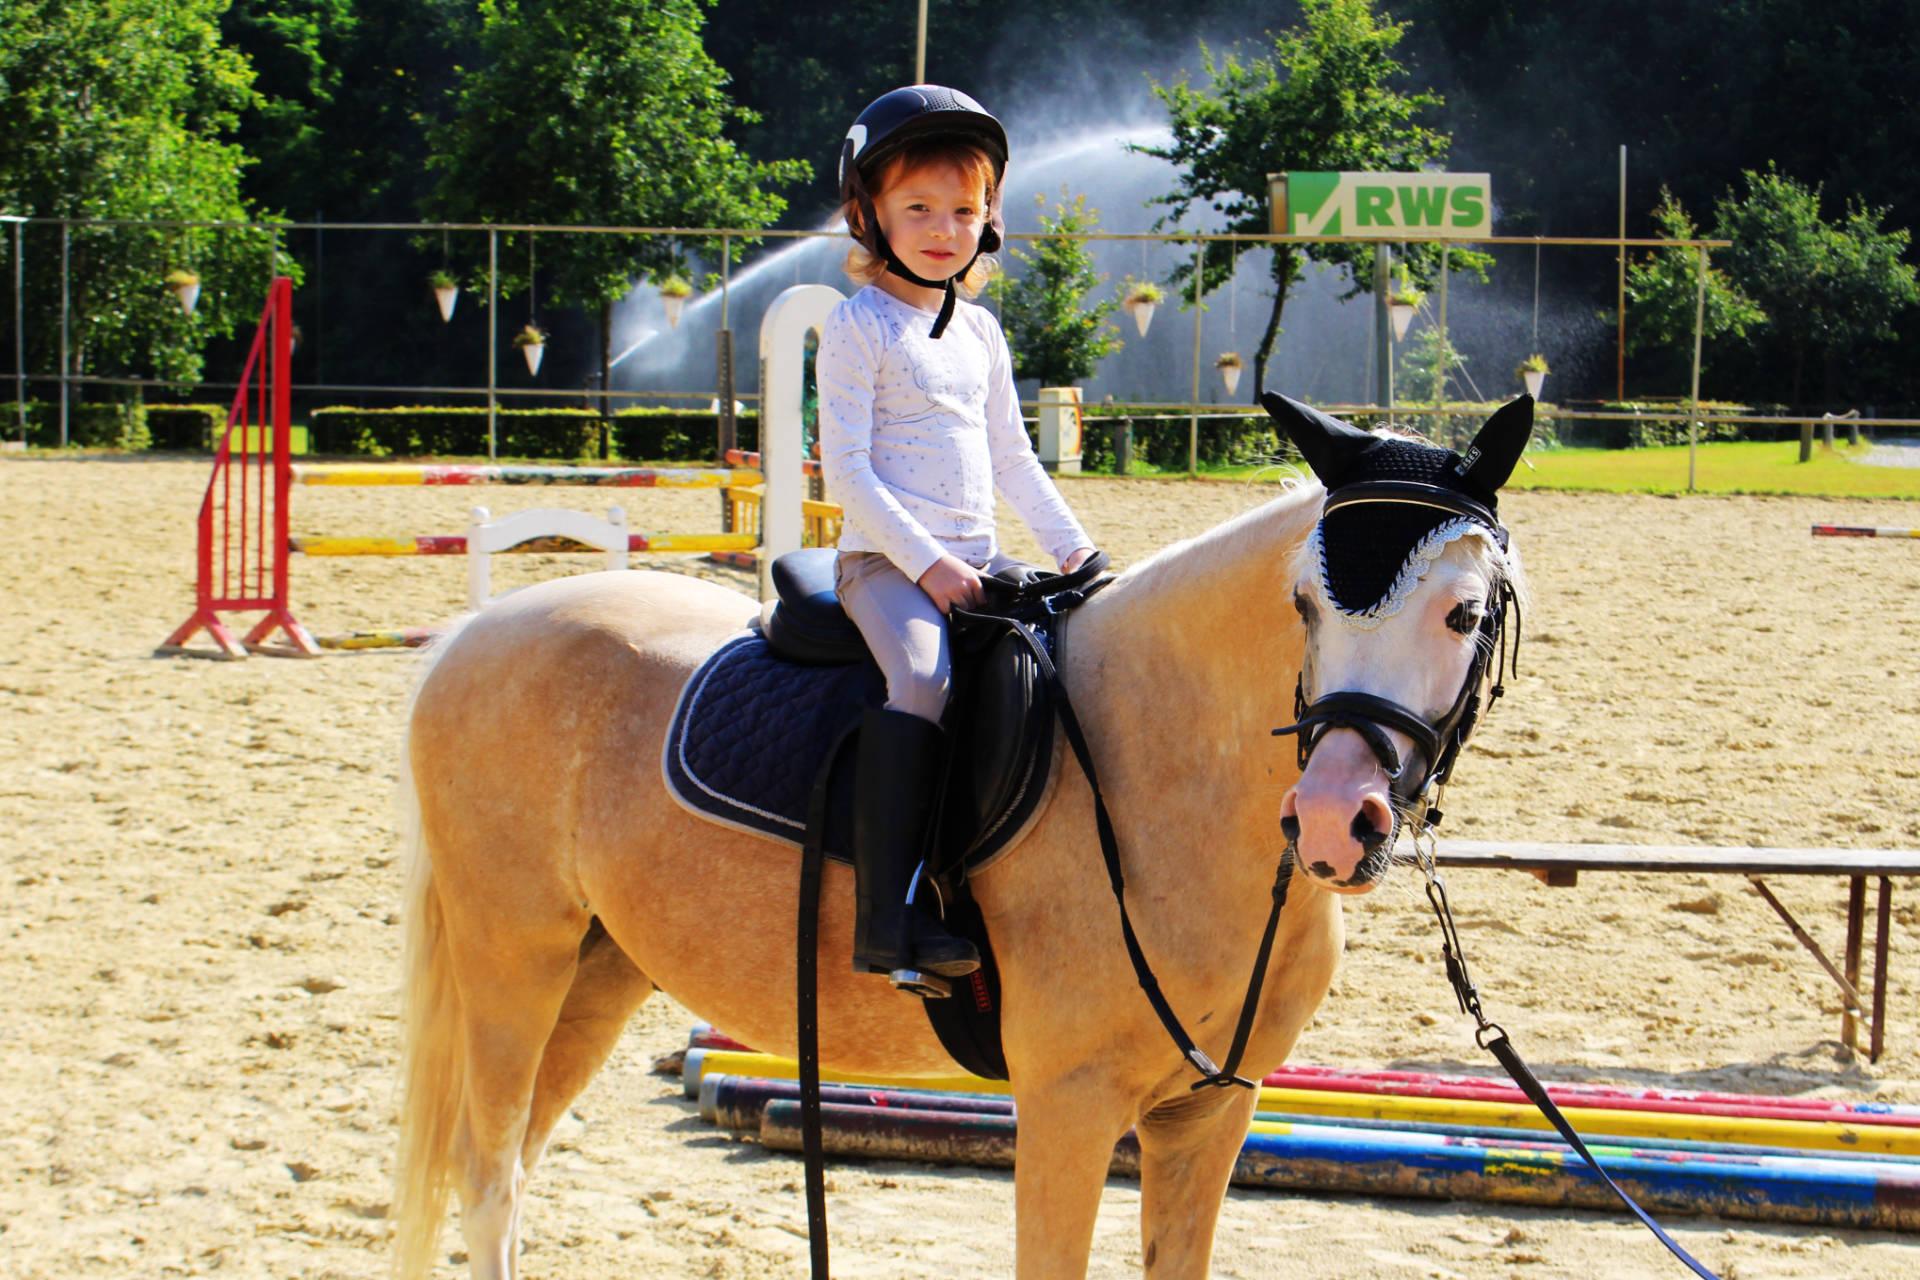 Hobbies für Kinder - Nala sitzt auf ihrem Pferd Euki mit Sattel und Reithelm